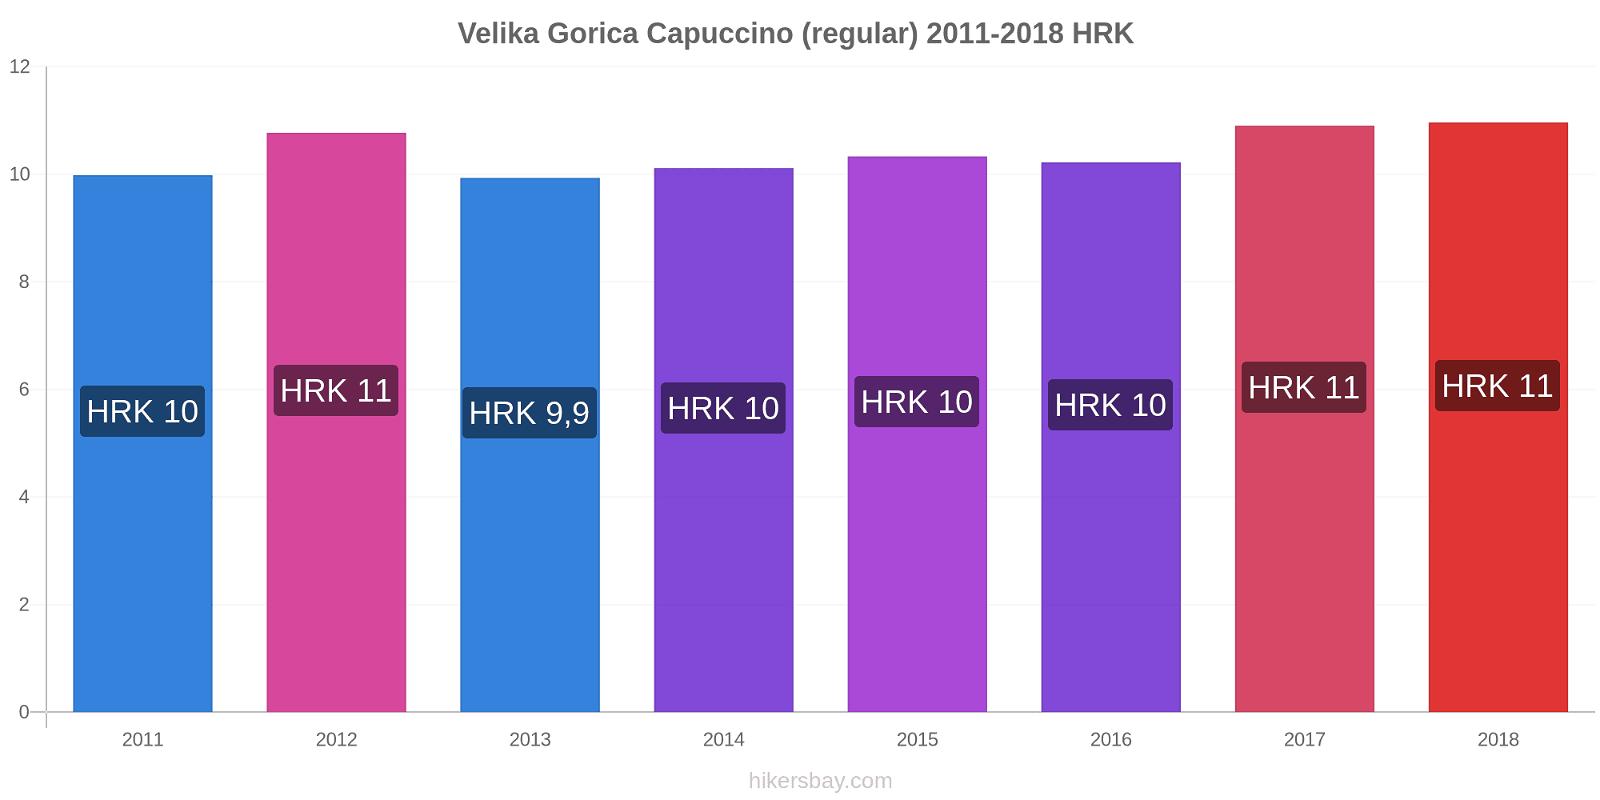 Velika Gorica variação de preço Capuccino (regular) hikersbay.com